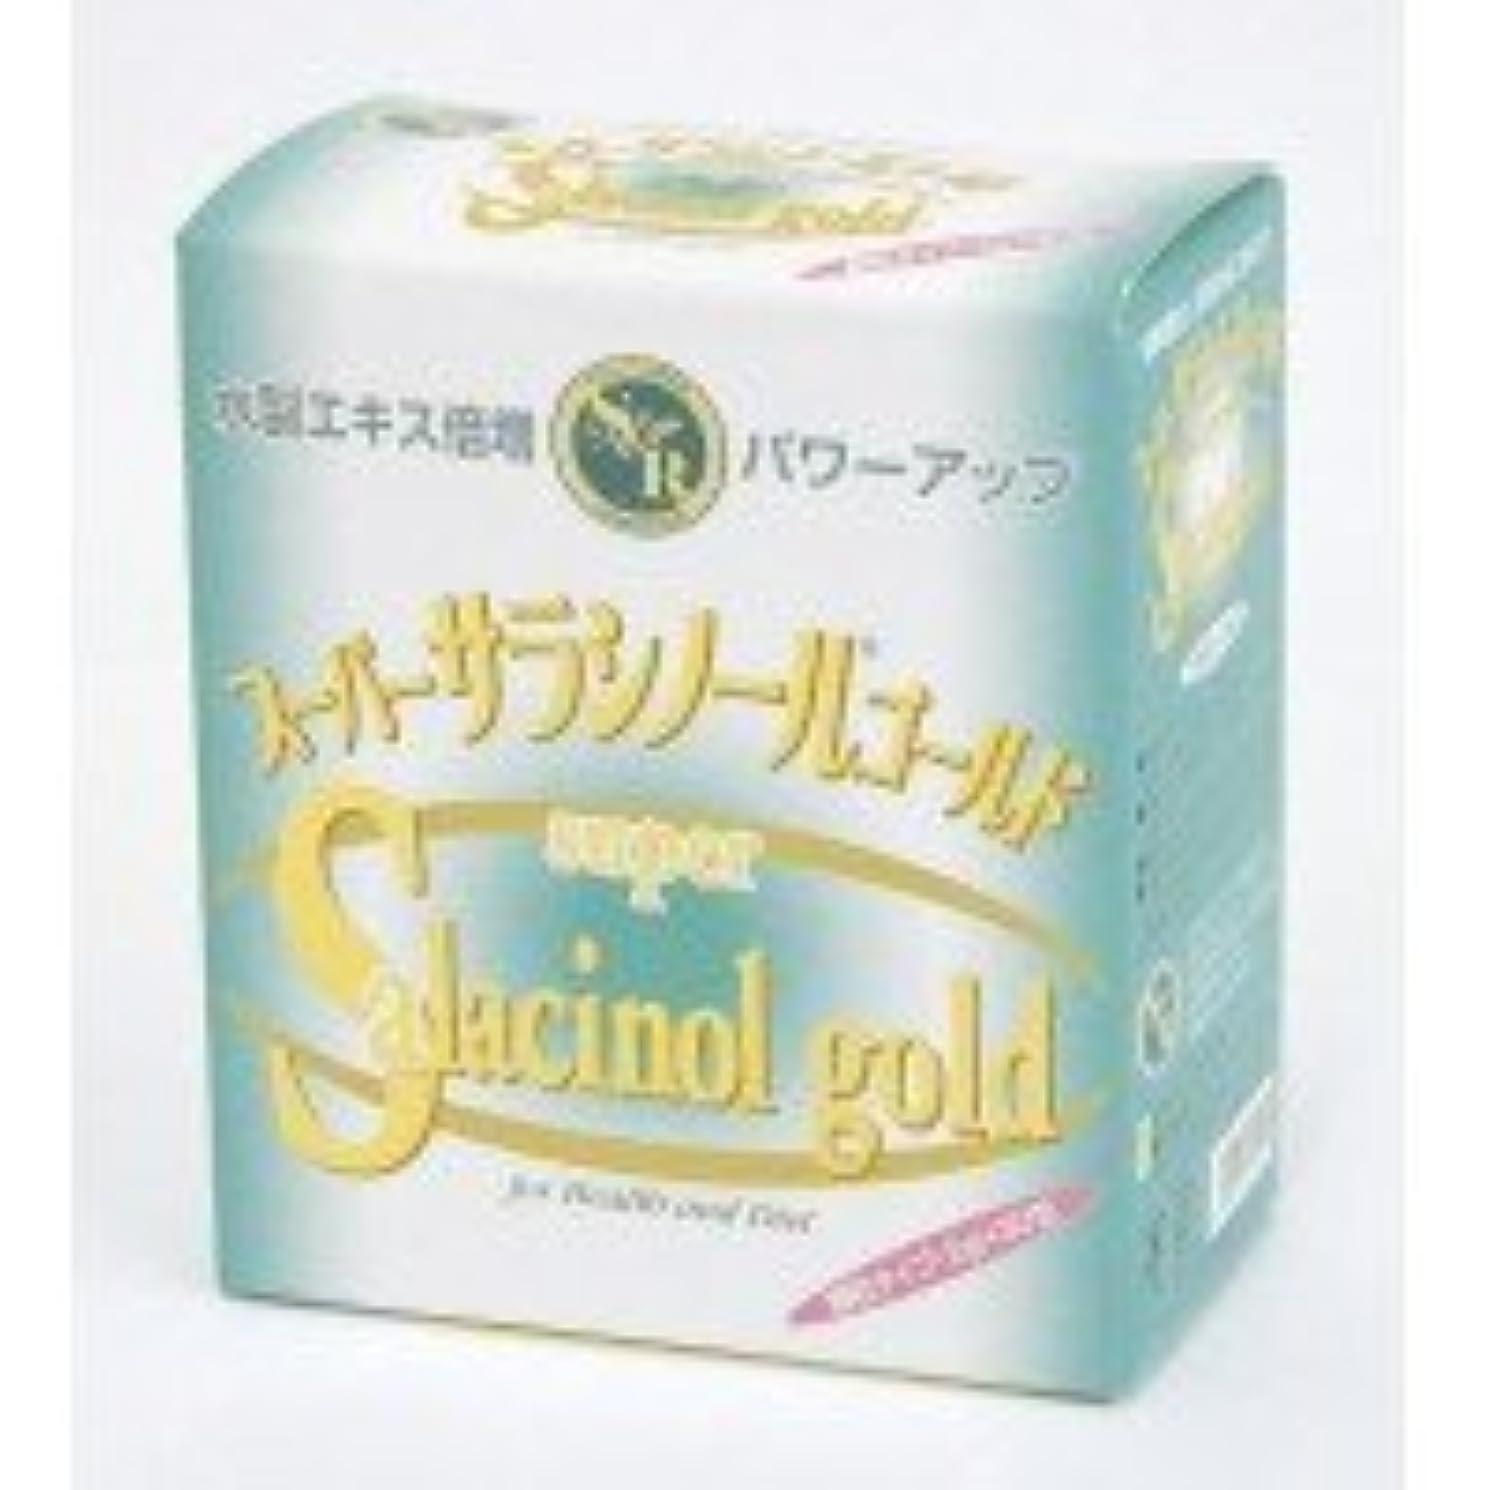 トマト力レンディションジャパンヘルス スーパーサラシノールゴールド 2g×30包